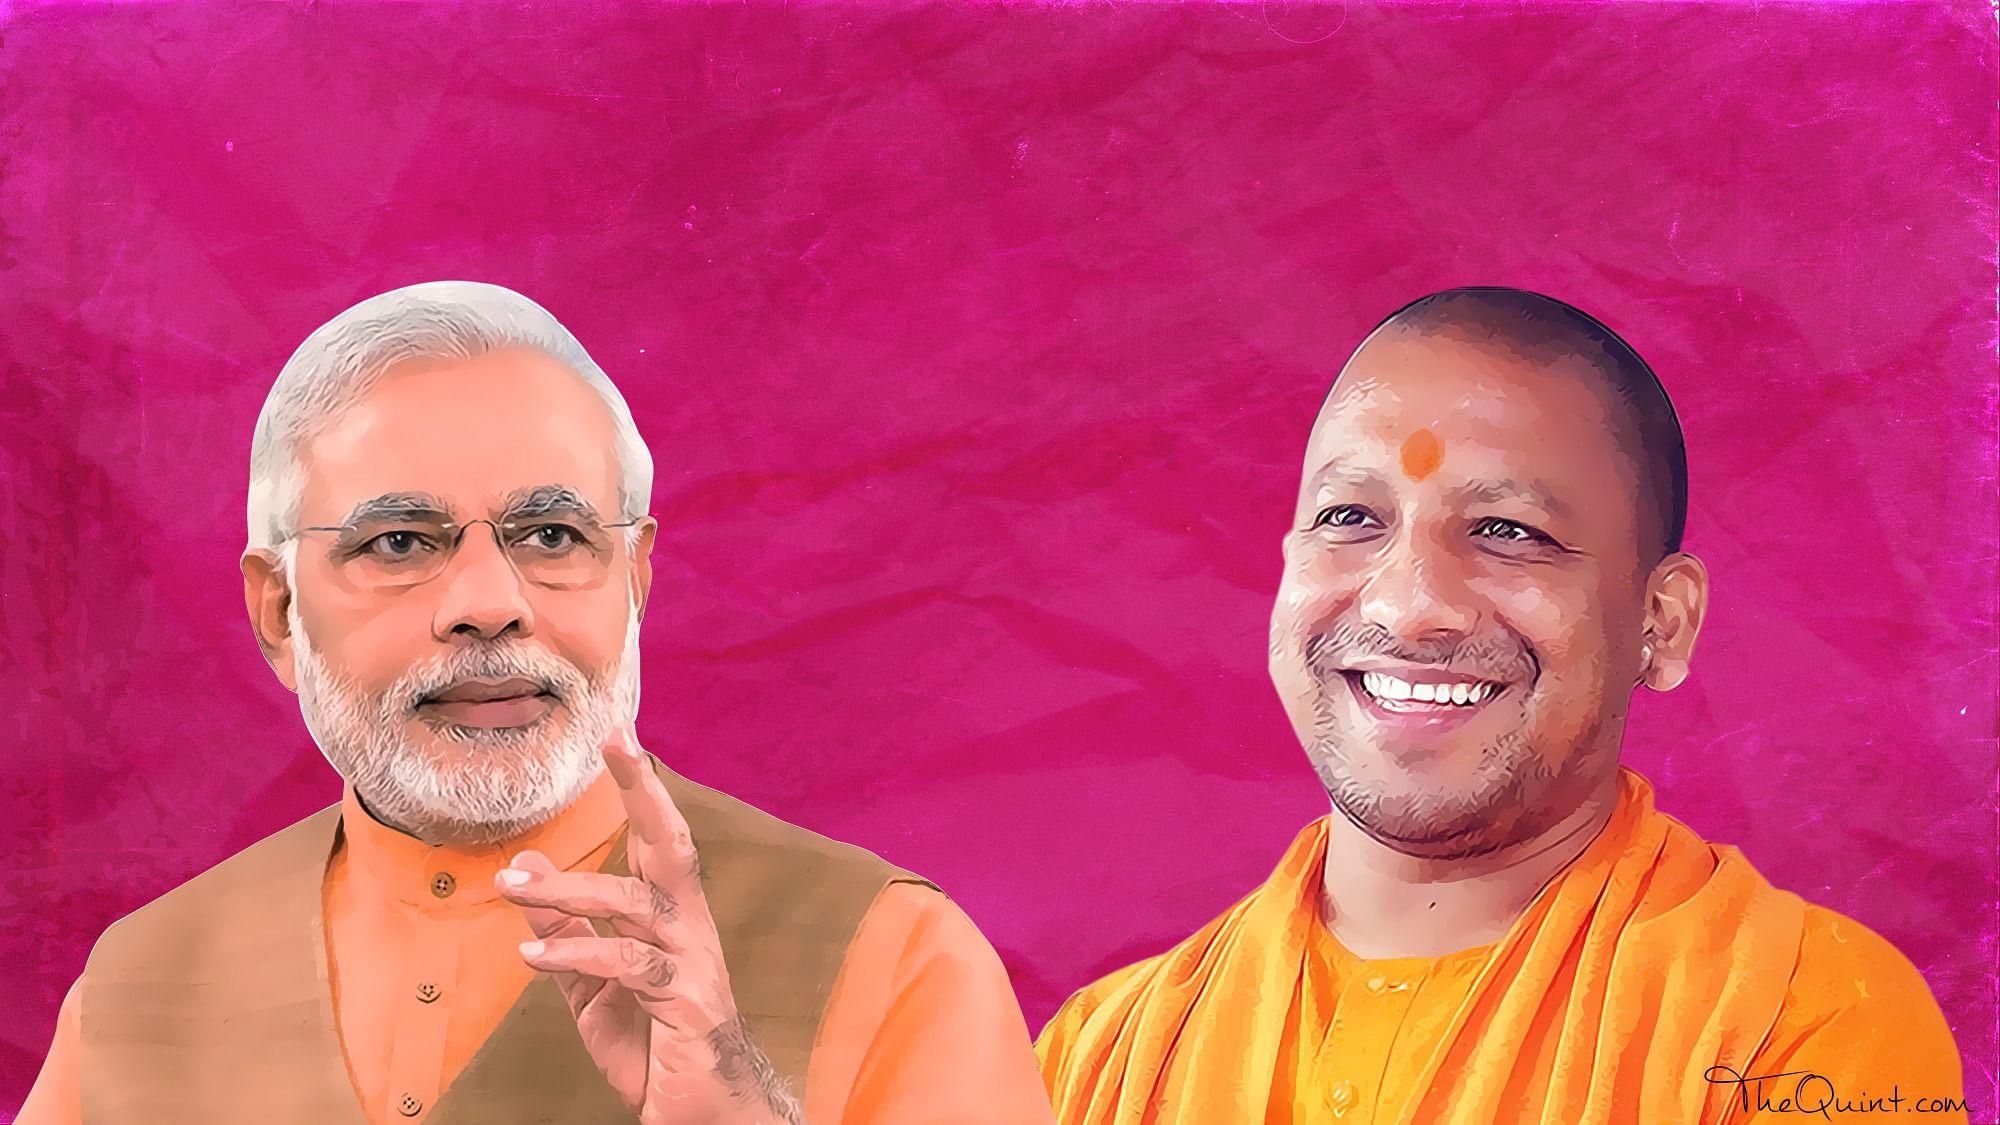 श्रीकृष्ण जन्माष्टमी के अवसर पर कोविड-19 के प्रोटोकॉल का पूर्ण पालन किया जाए - मुख्यमंत्री योगी आदित्यनाथ